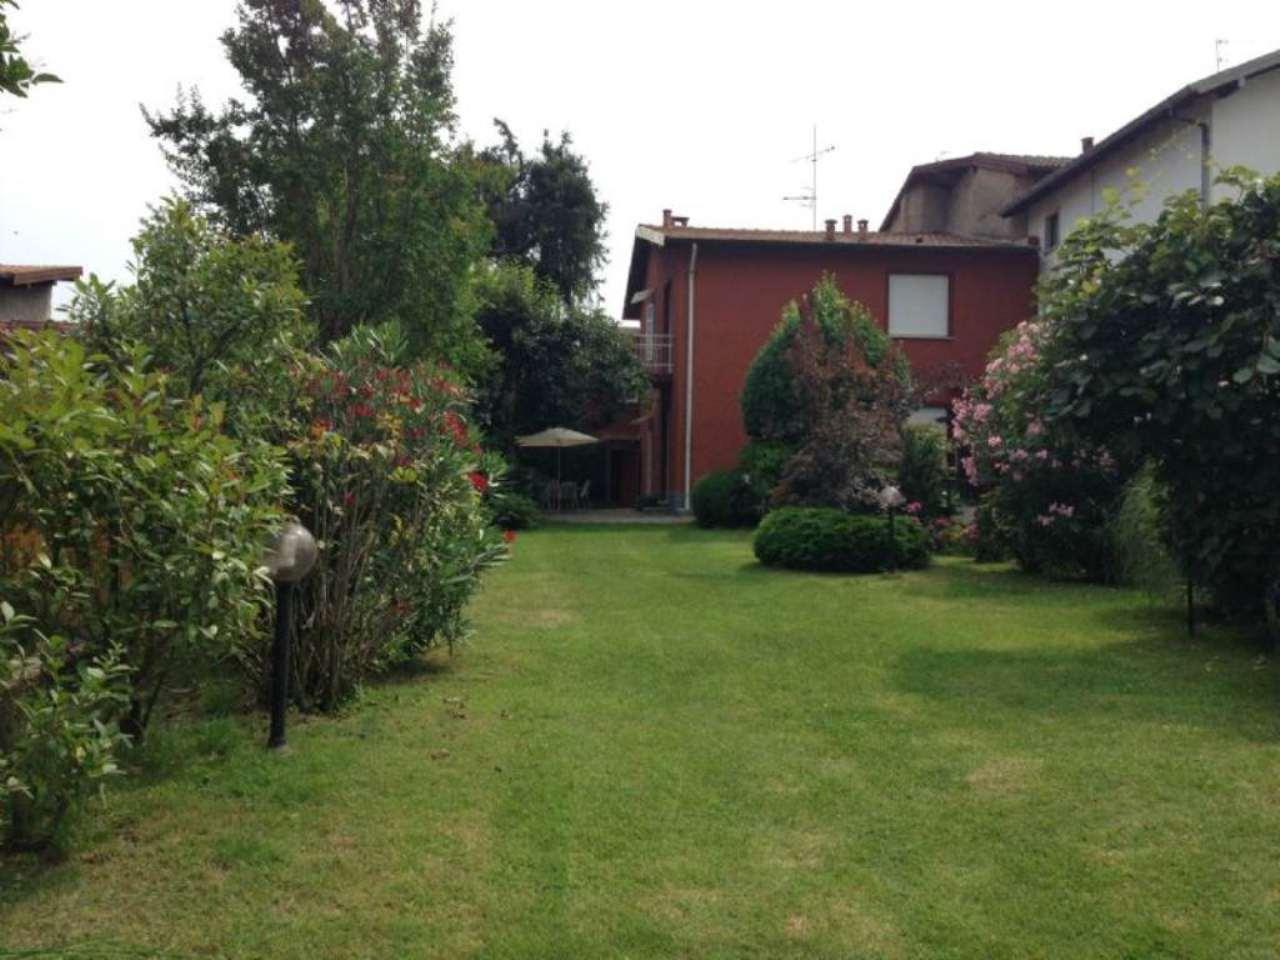 Soluzione Indipendente in vendita a Laveno-Mombello, 6 locali, prezzo € 230.000 | Cambio Casa.it